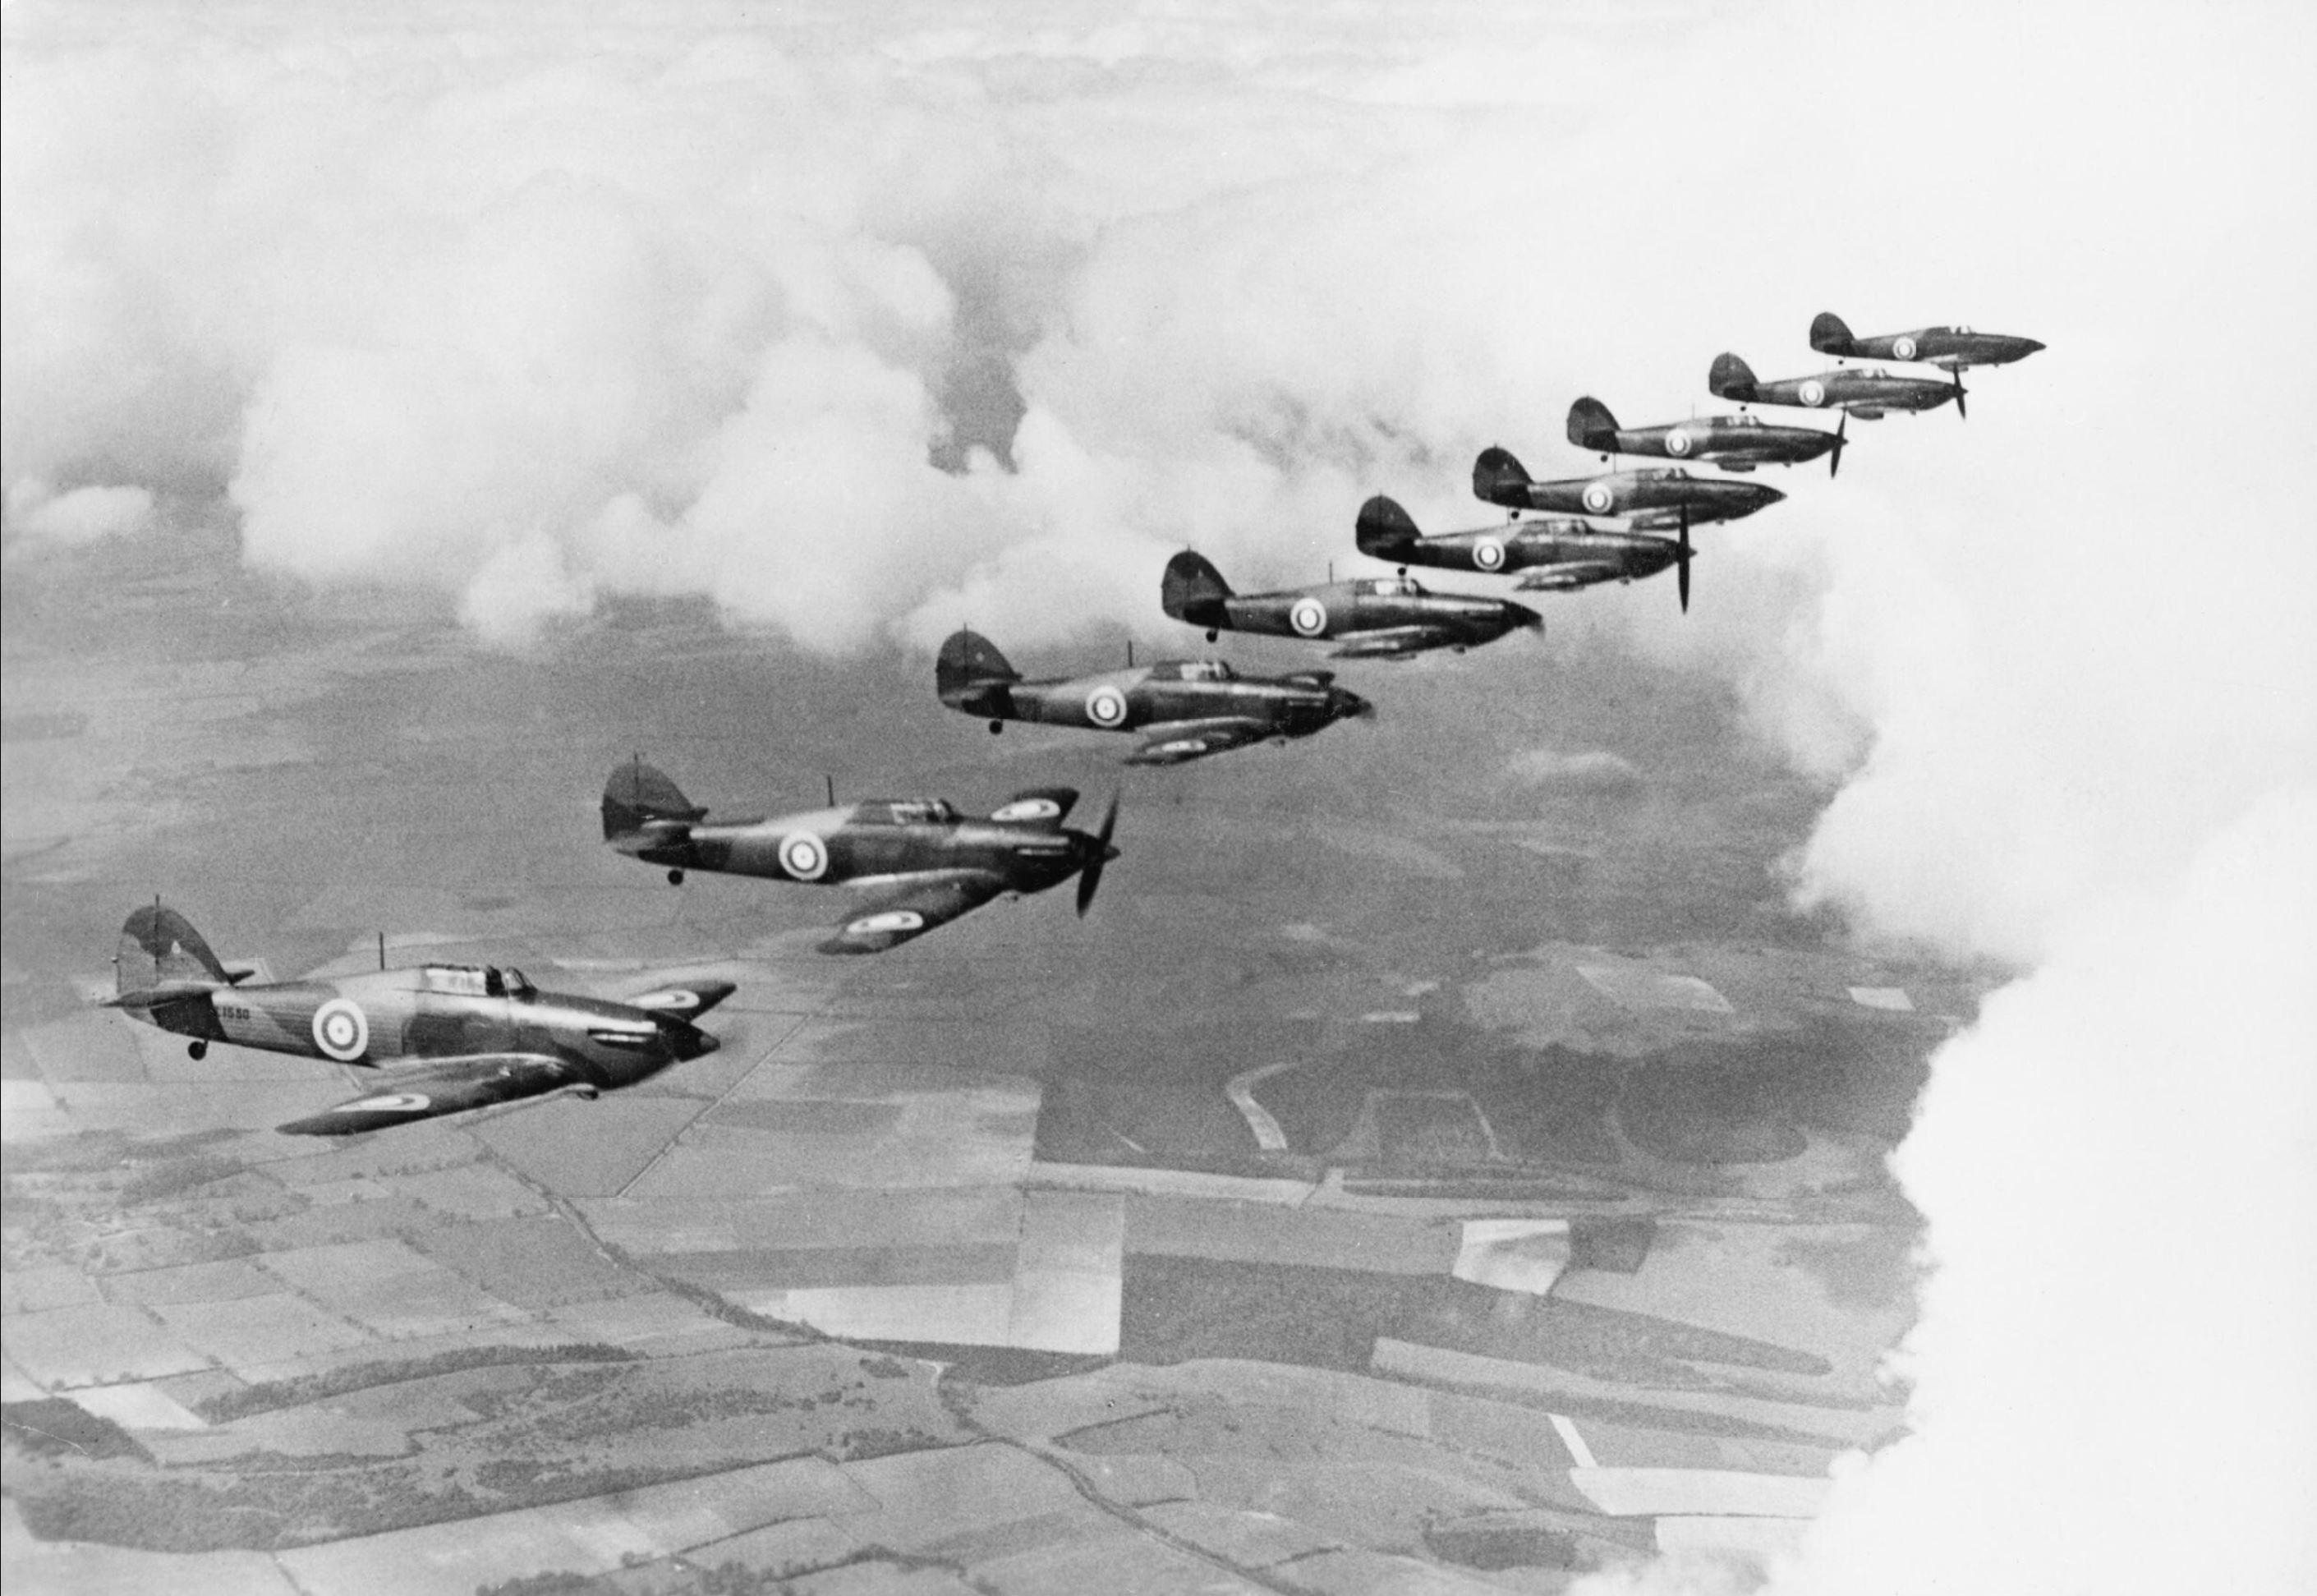 Hurricane IIb RAF 111Sqn over England 1938 IWM HU68334